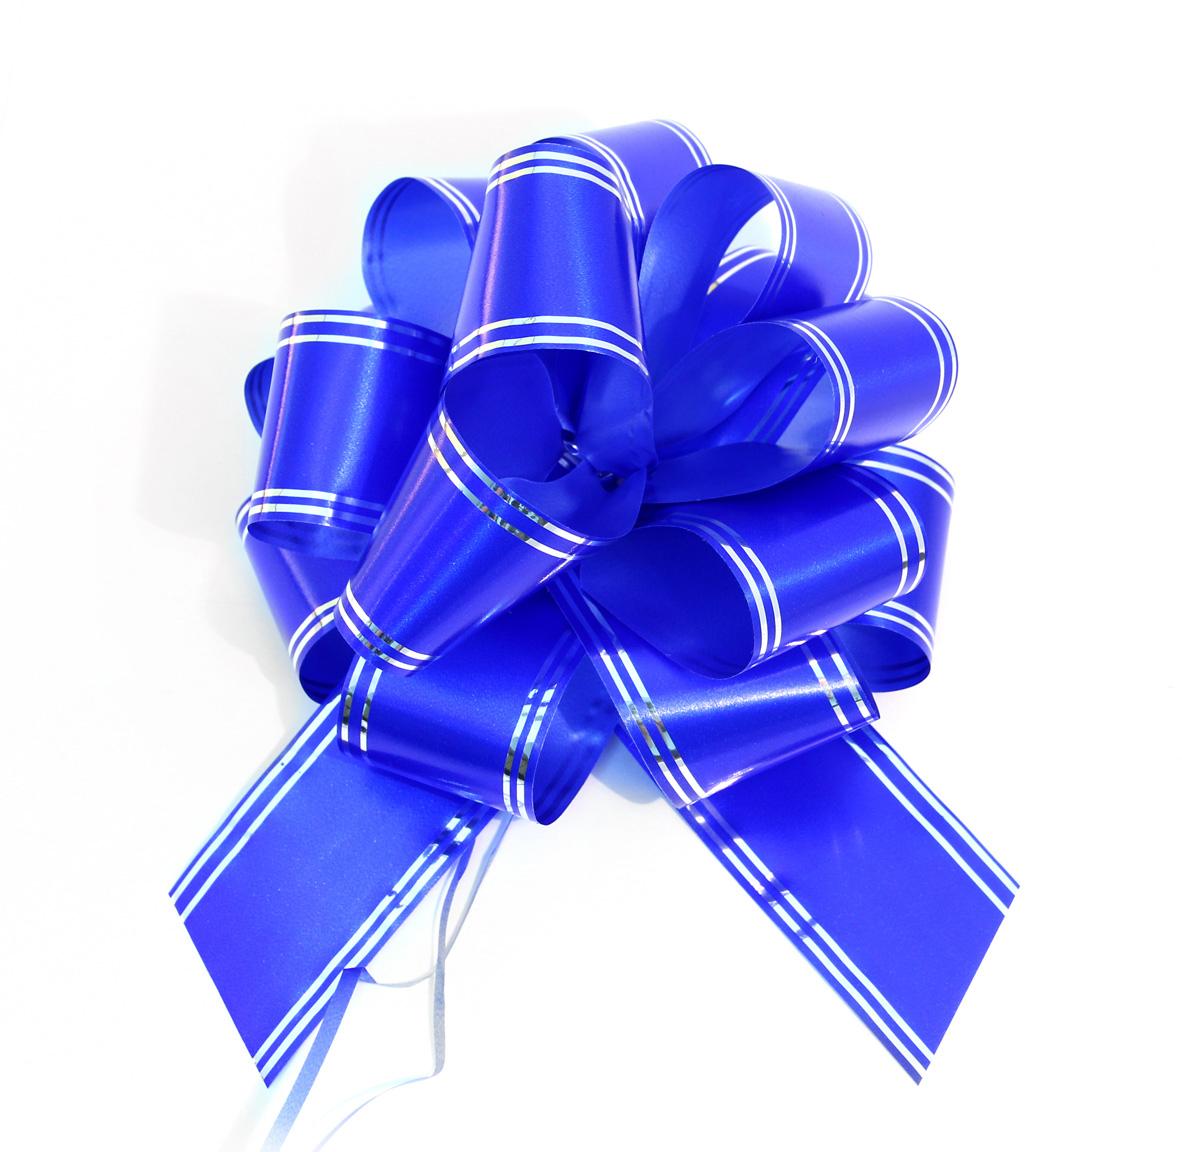 Бант упаковочный Veld-Co Шар, цвет: синий, 5 х 148 см, 10 шт44927Бант Veld-Co Шар, изготовленный из ПВХ, собираетсяодним движение (нетребуется особых навыков, чтобы за мгновение сделать шикарный бант длядекора подарка). Отлично держит форму, не боится влаги. Объемный,привлекательный, создает праздничное настроение.Окружите близкихлюдей вниманием и заботой, вручив презент в нарядном, праздничномоформлении!